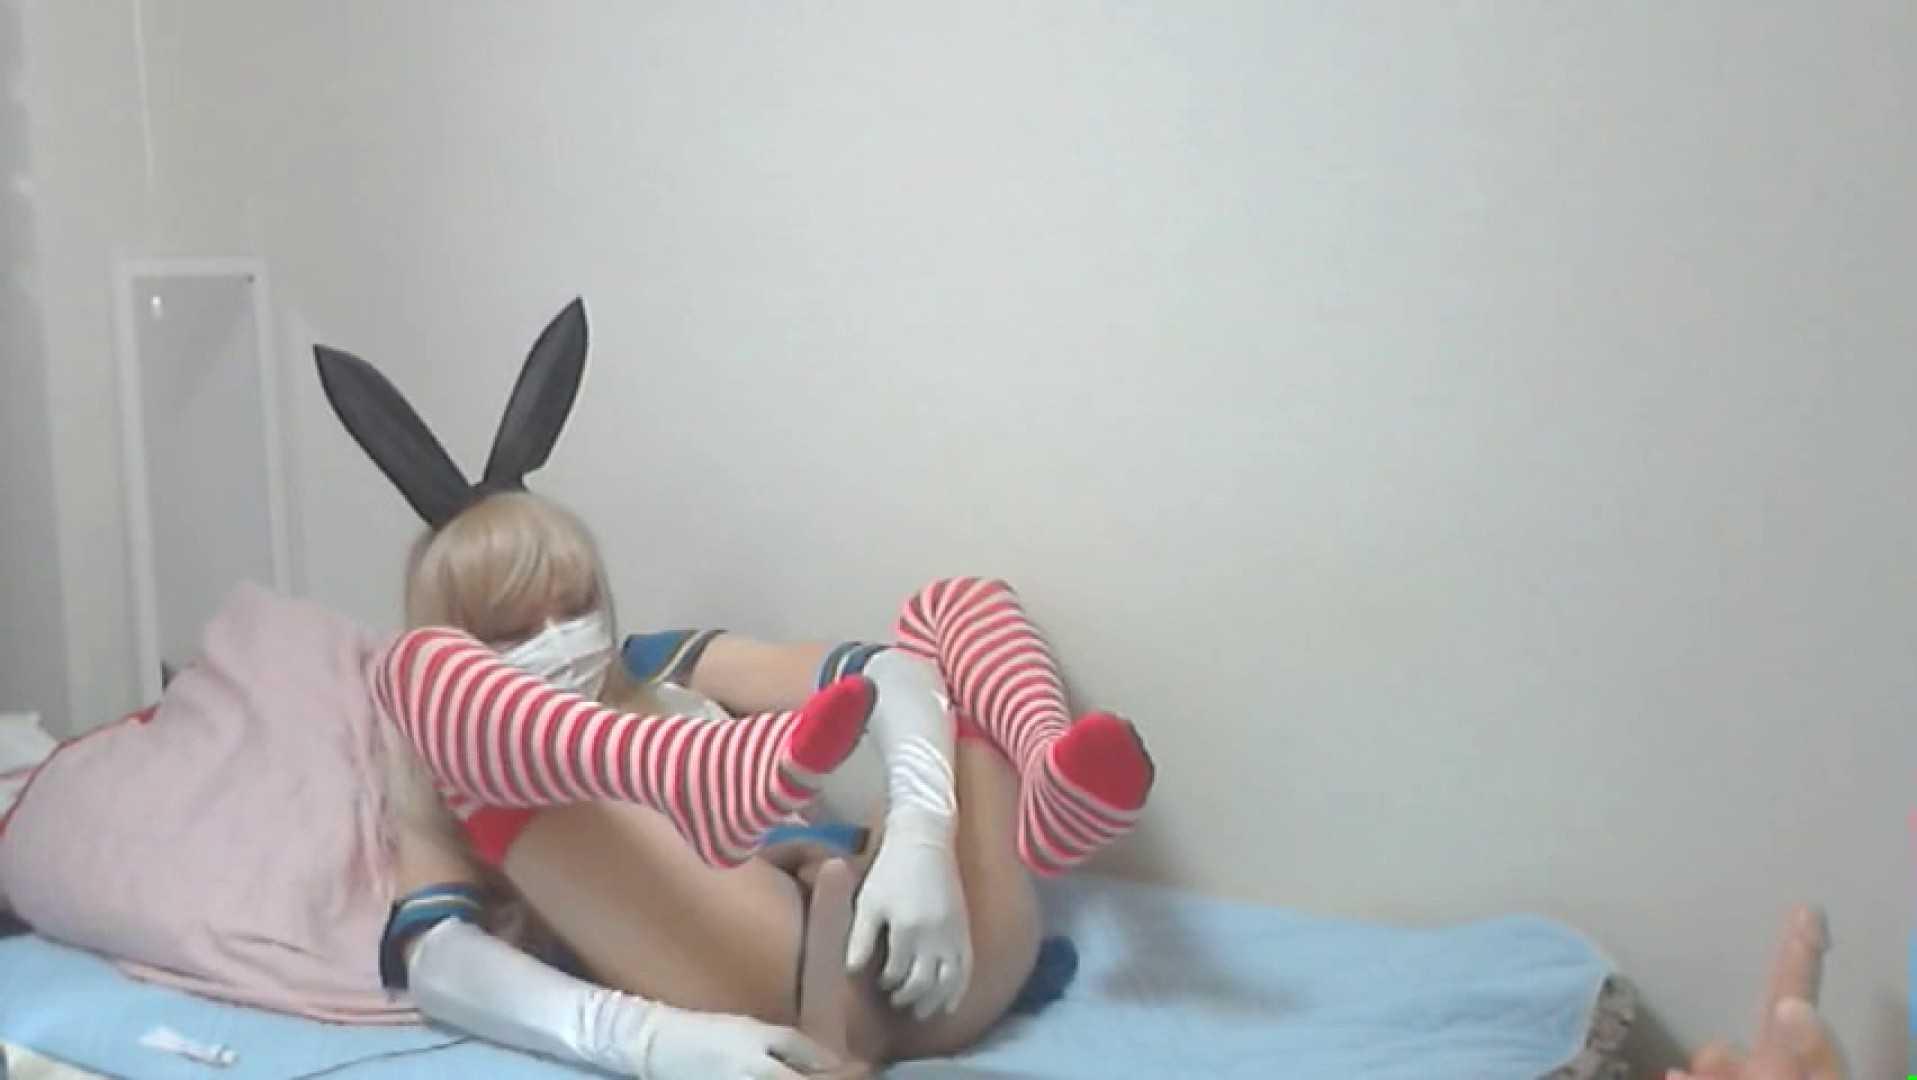 男のKOスプレー!Vol.13 オナニー アダルトビデオ画像キャプチャ 90枚 9